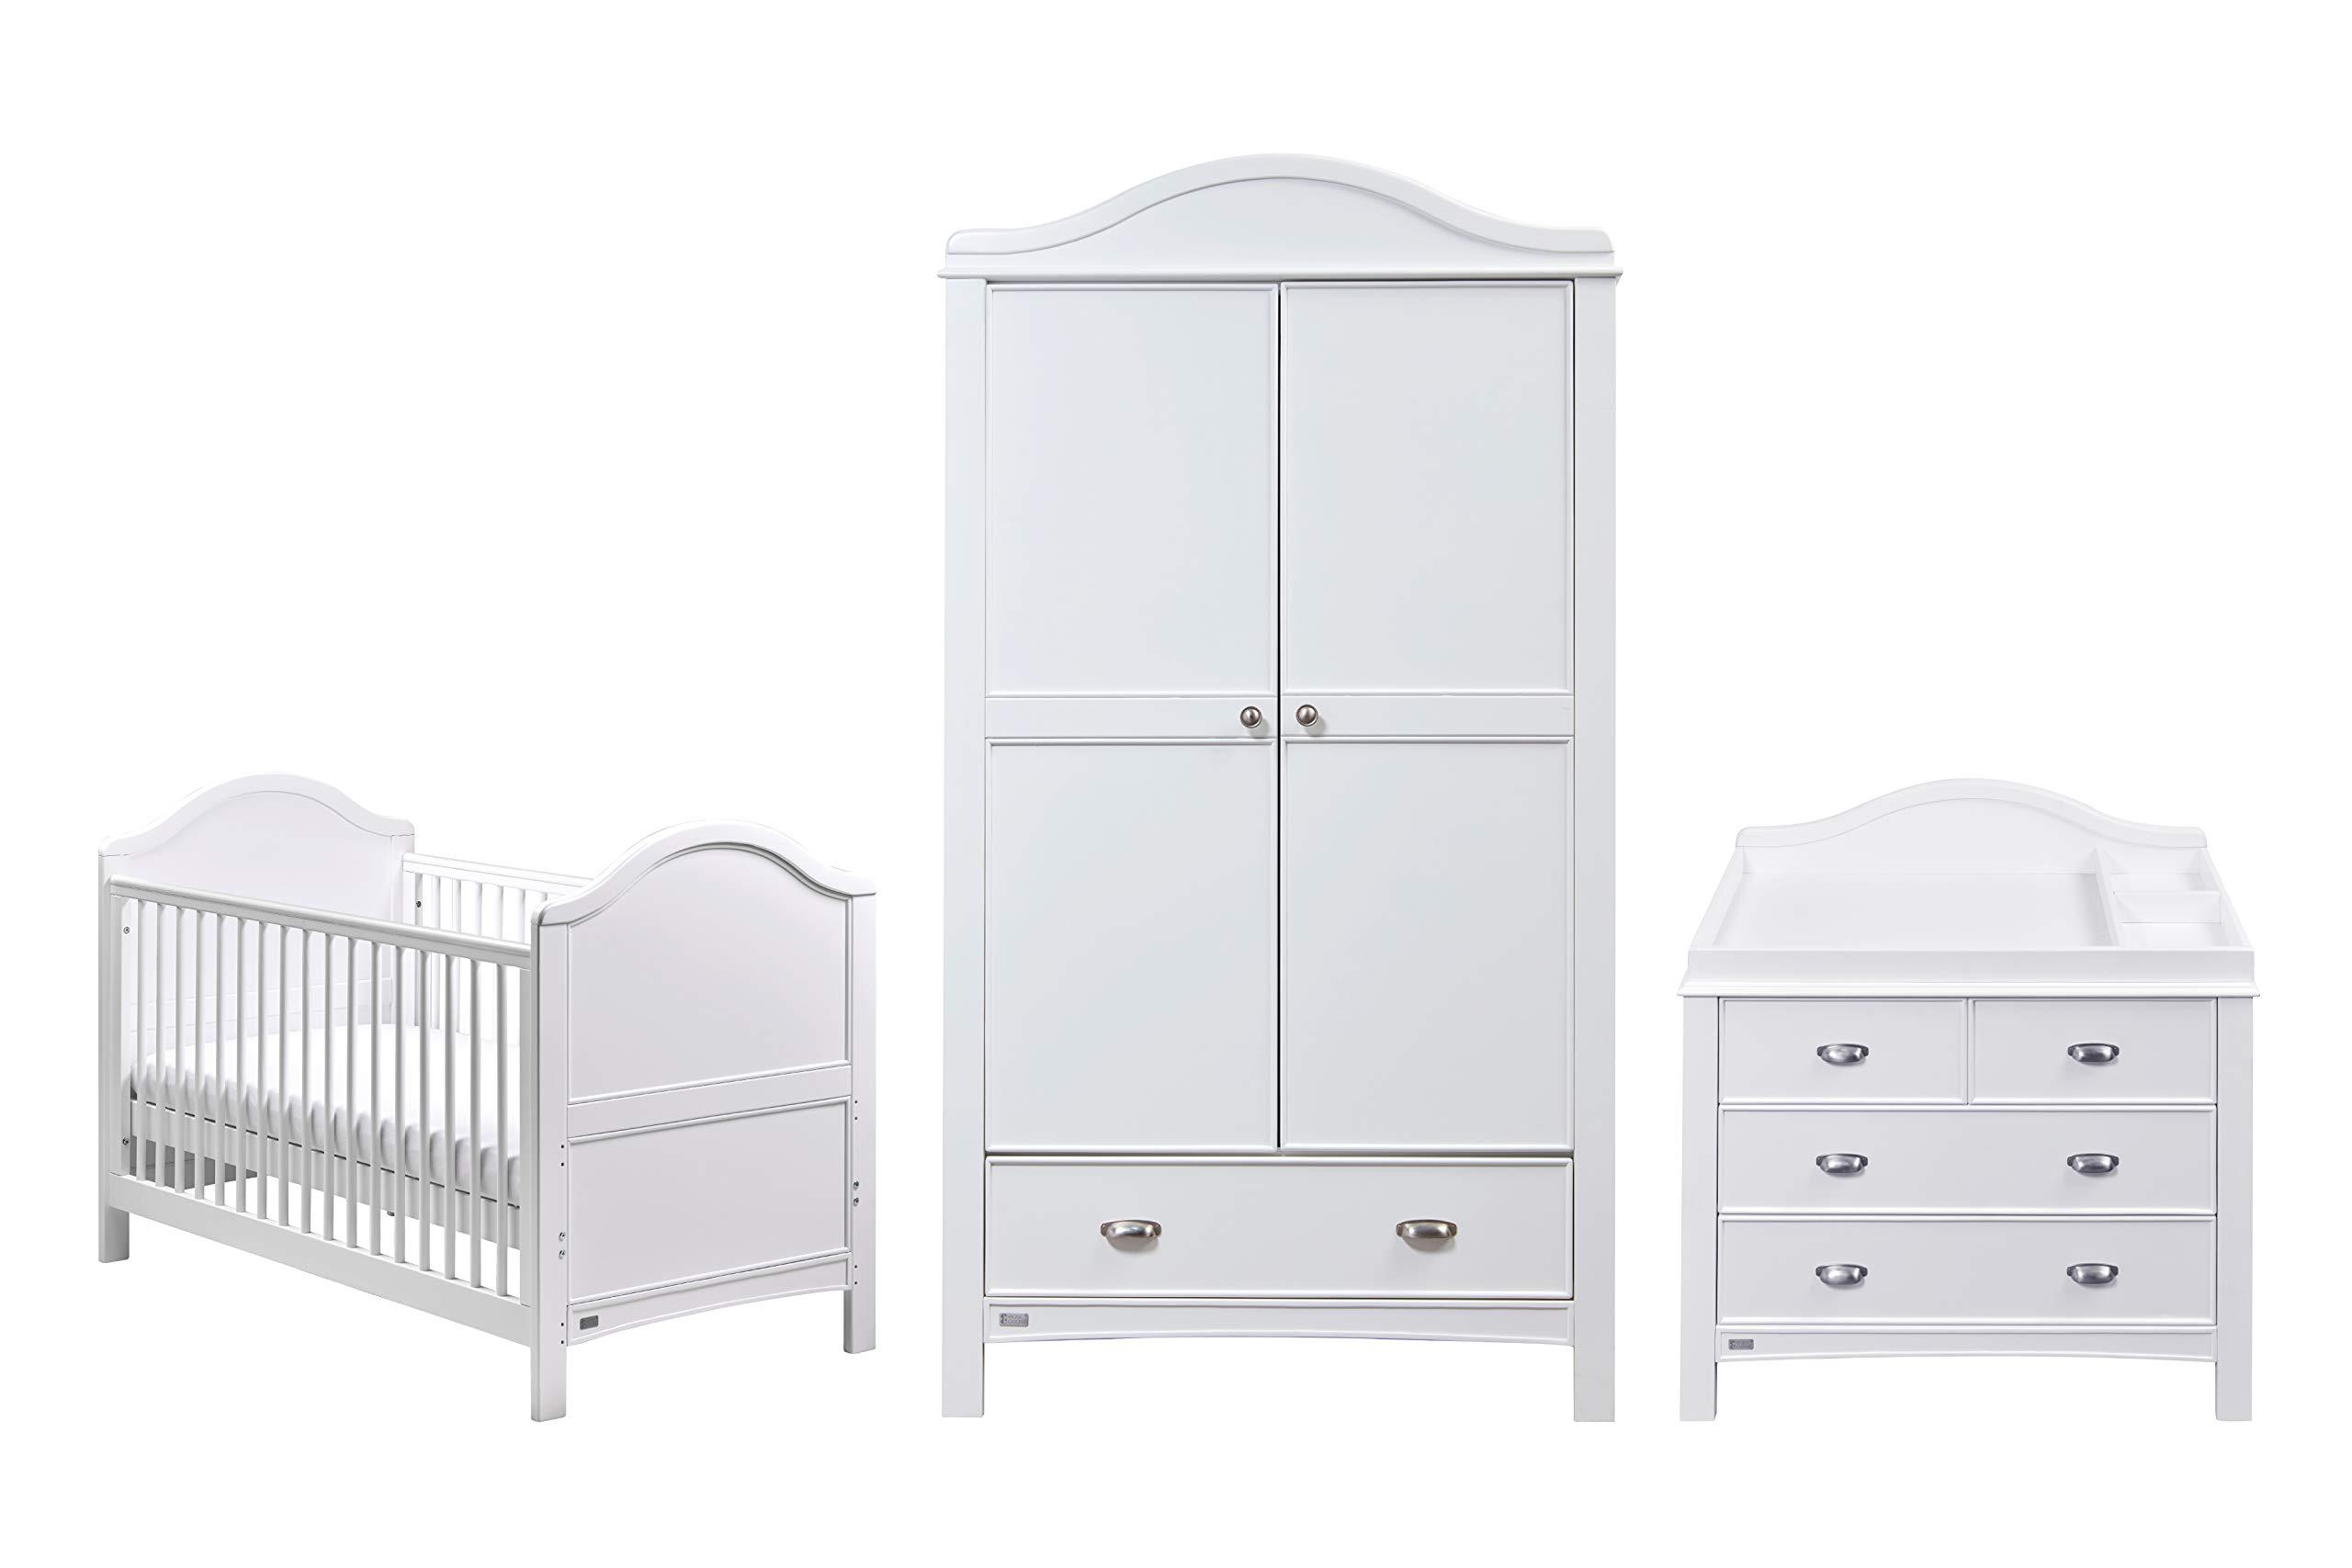 East Coast Nursery Toulouse Room Set, White East Coast Nursery Ltd Cot bed Dresser Wardrobe 1